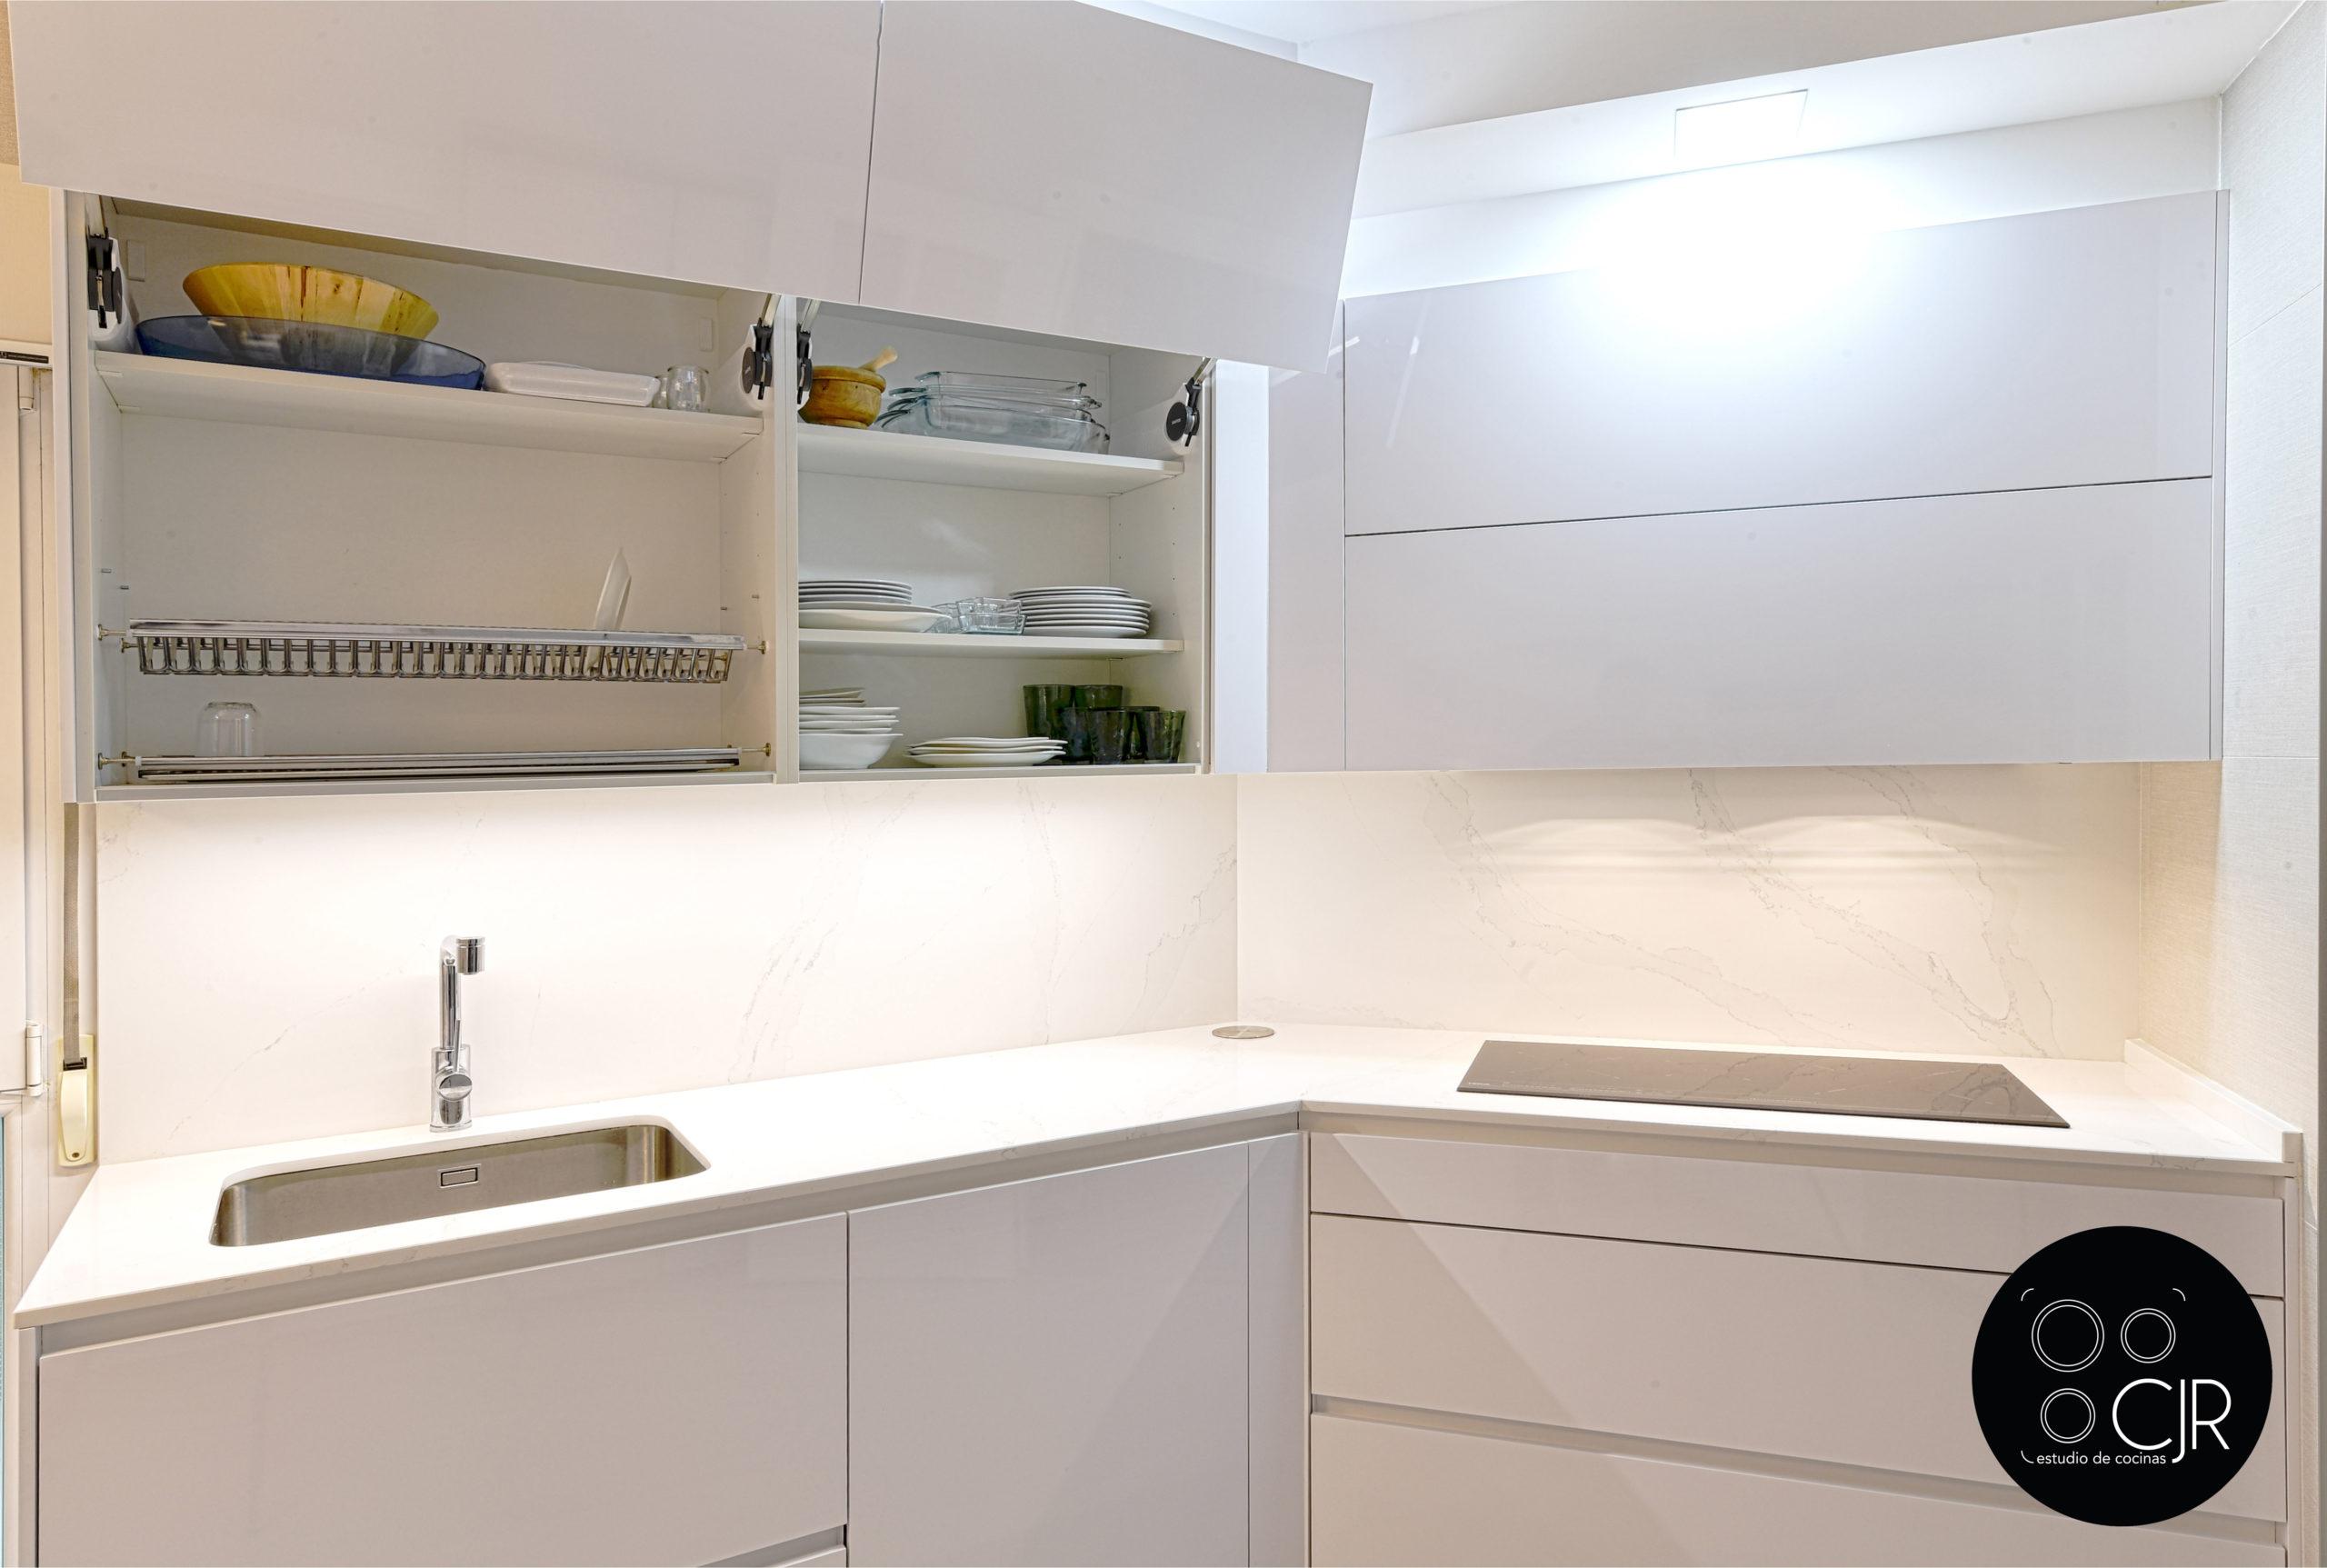 Vista de cajon superior en cocina en blanco y madera